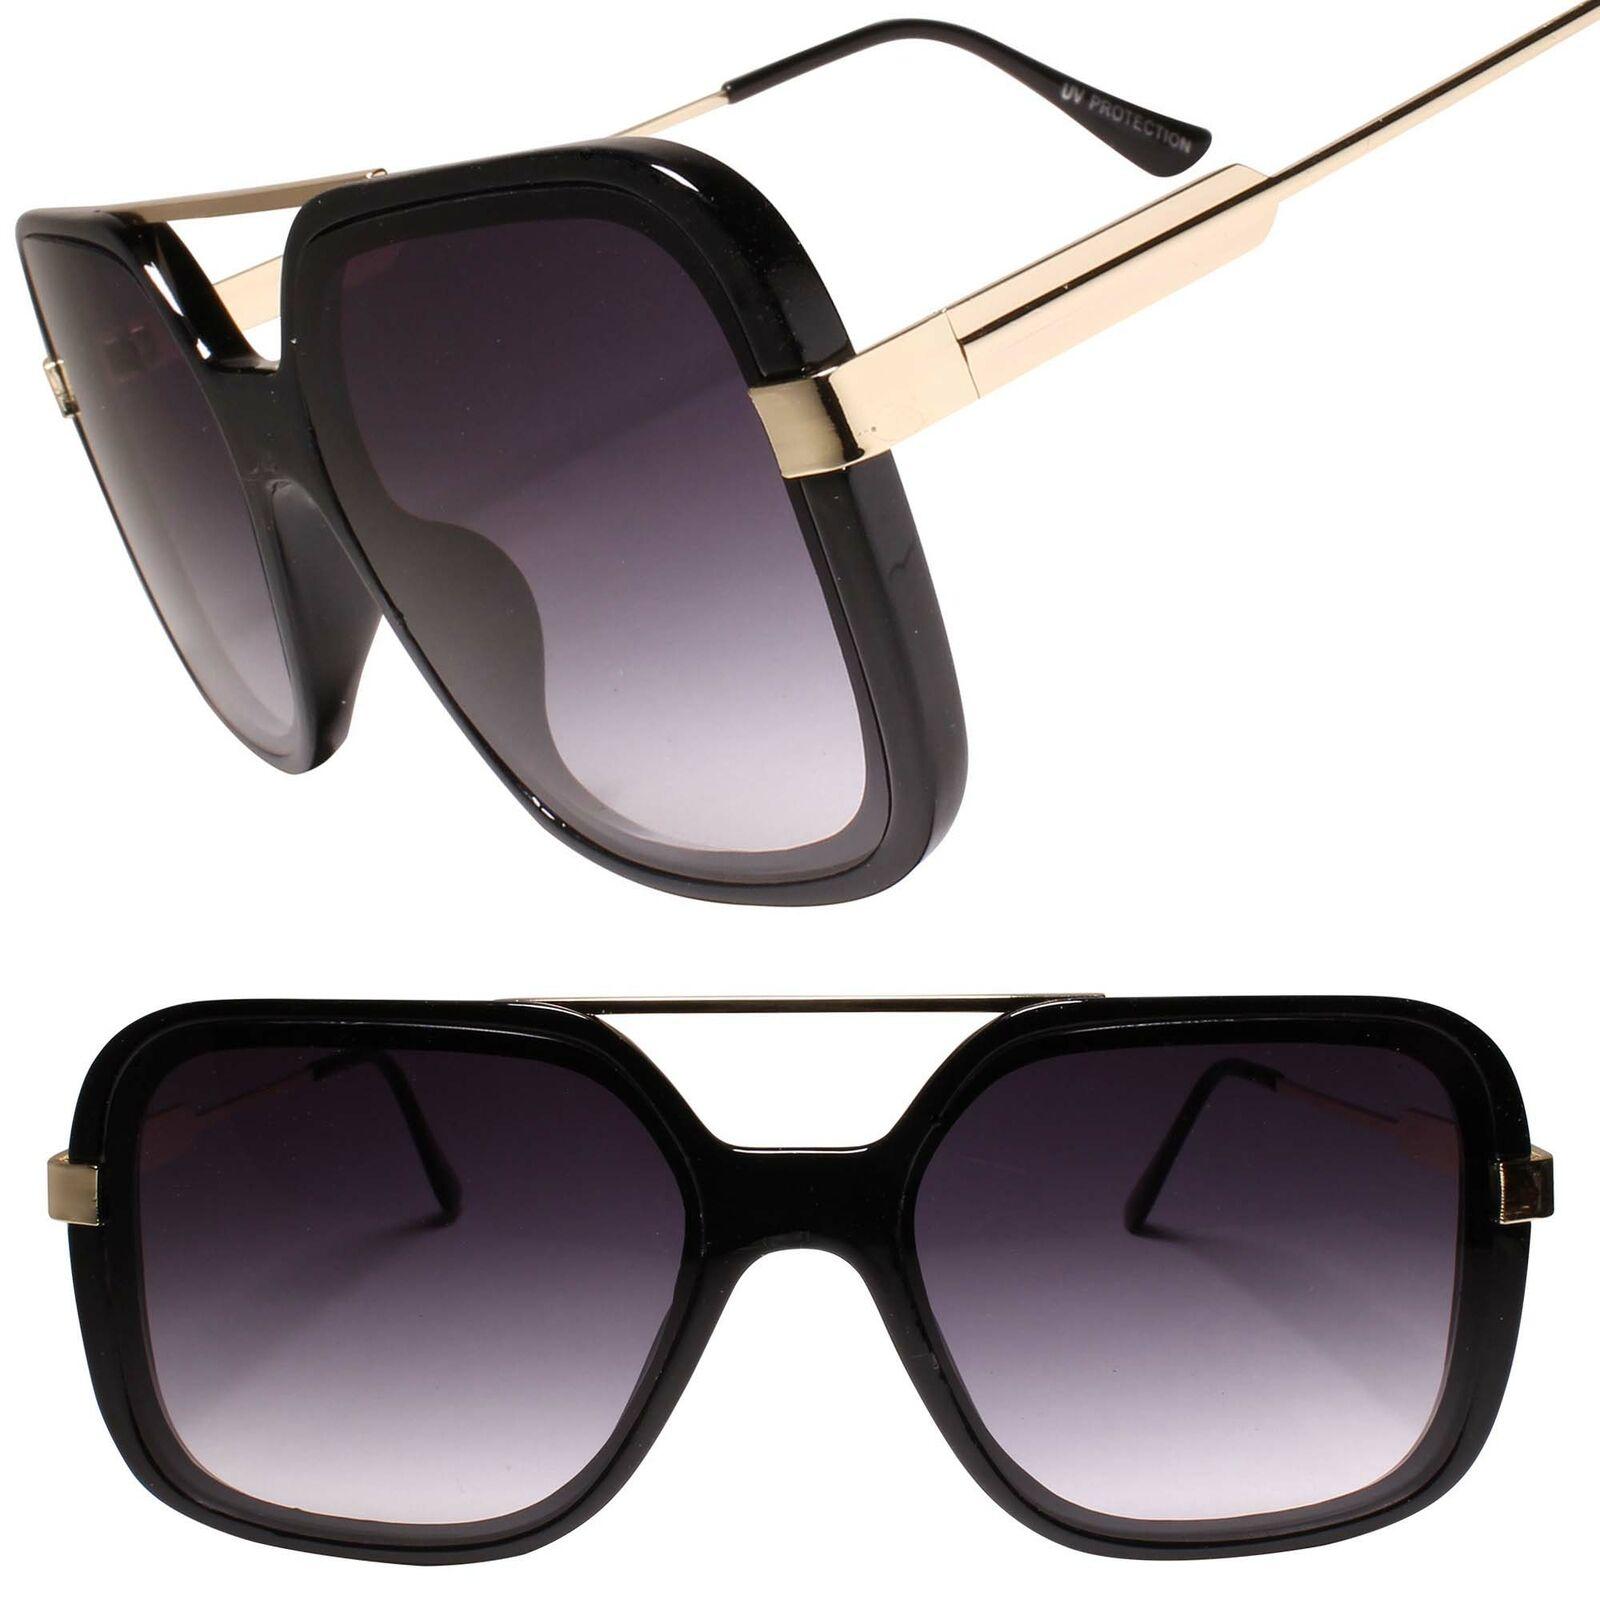 Designer Luxury Oversized XXL Gorgeous Stylish Square Black & Gold Sunglasses